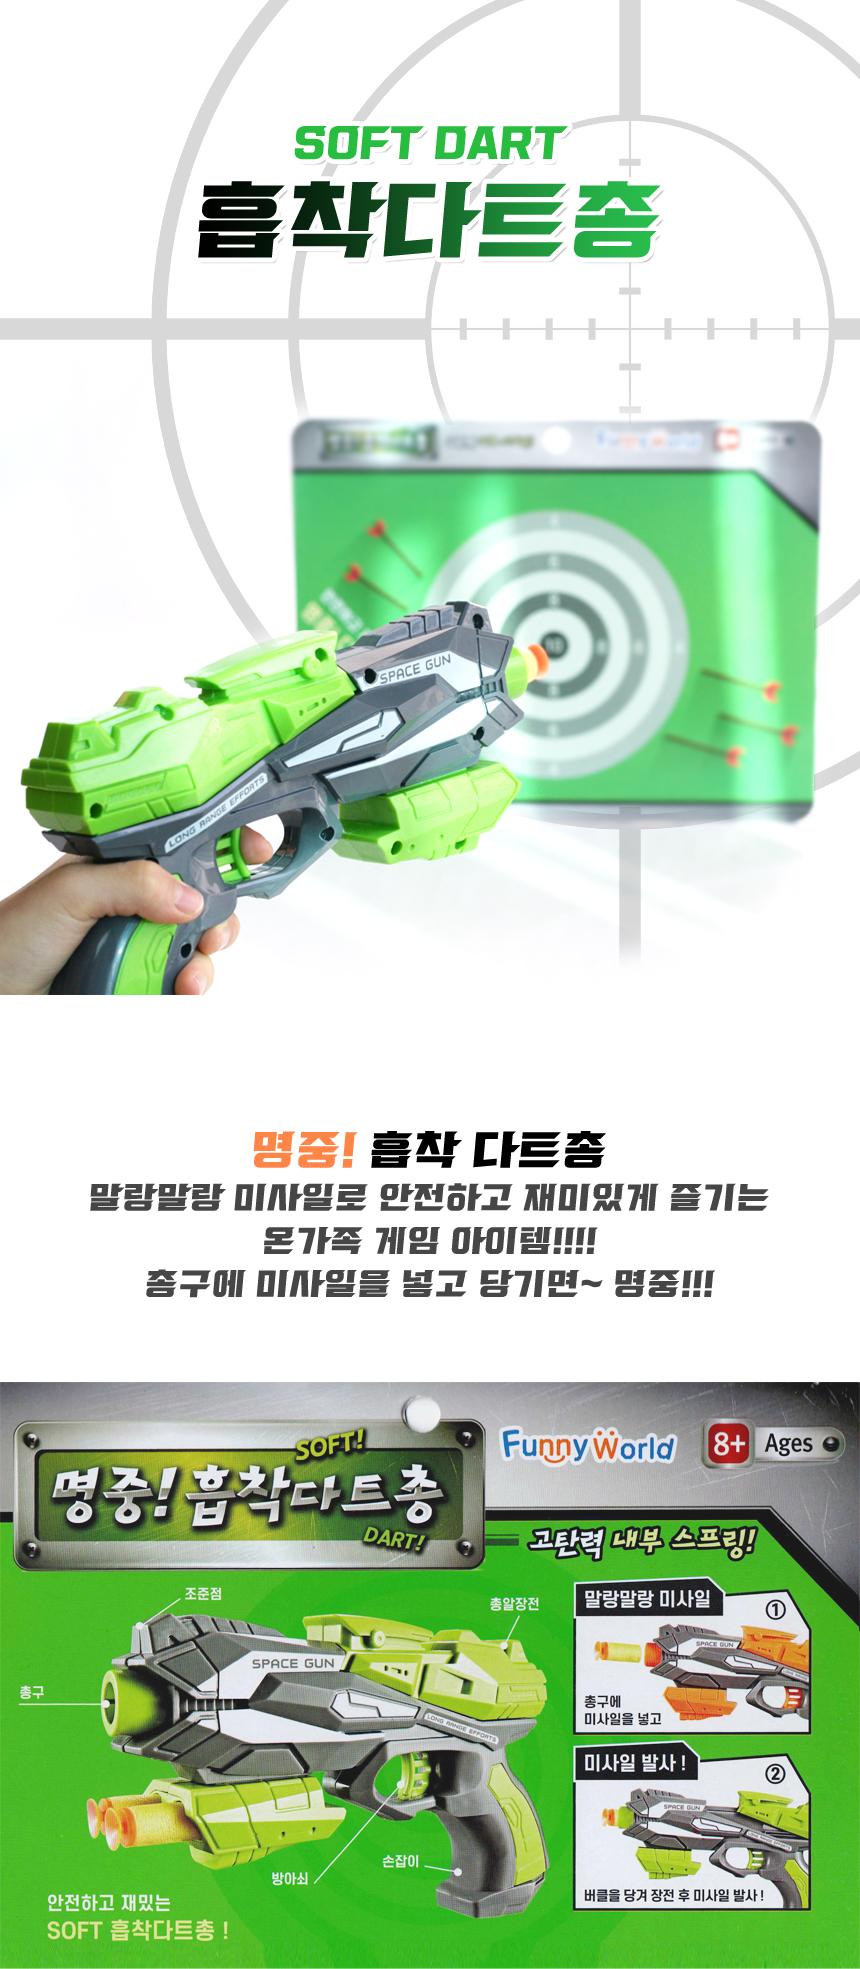 dartgun_01.jpg